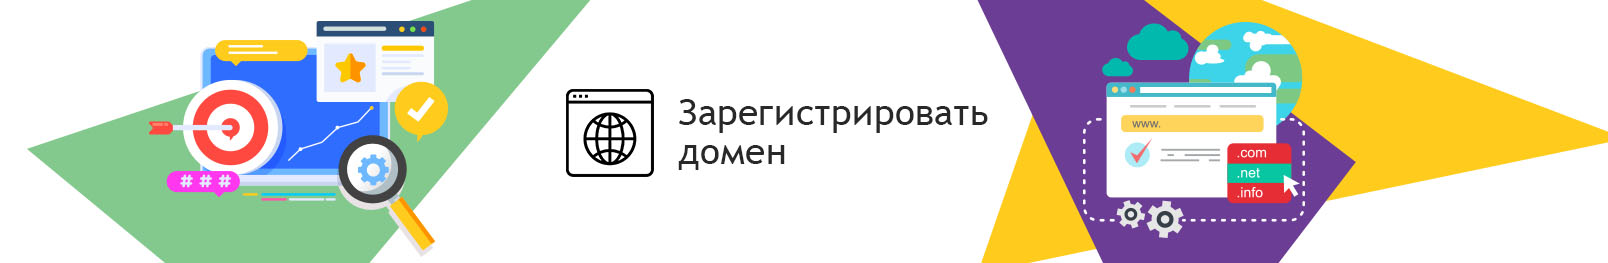 Регистрация доменного имени. Регистрация доменного имени Украина